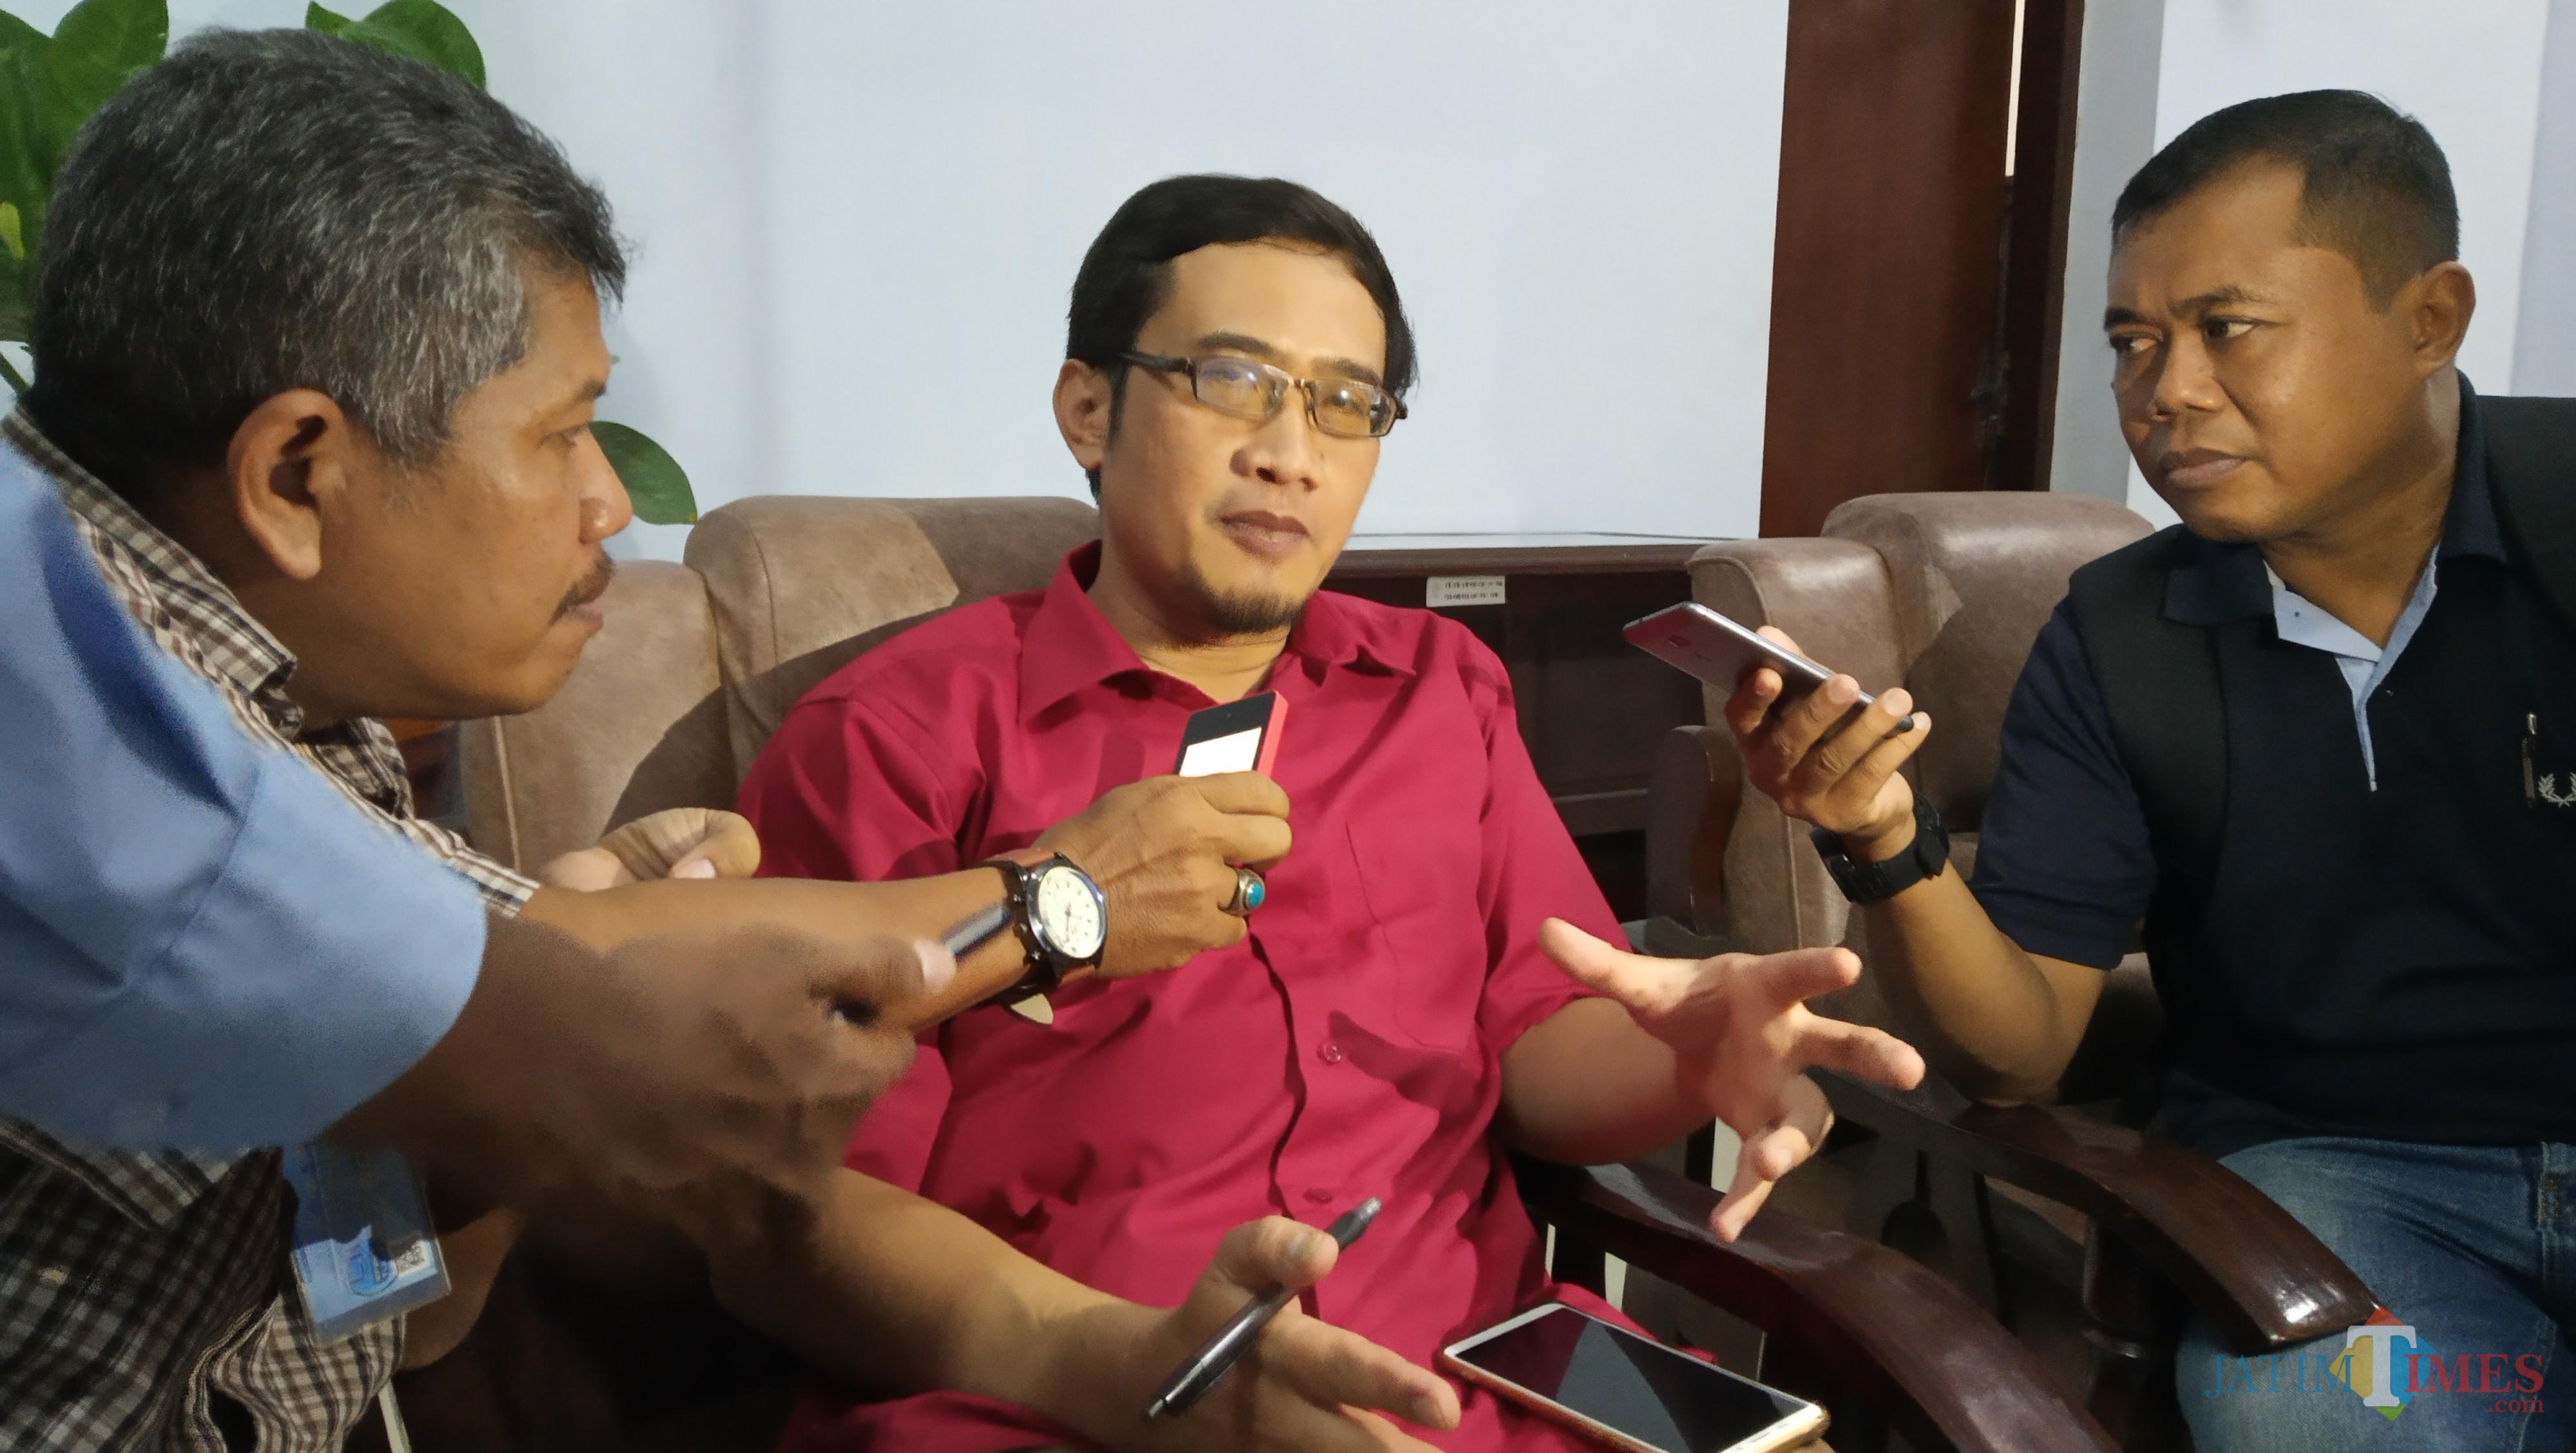 Timour (baju merah) saat diwawancarai oleh awak media. (foto : Joko Pramono/Jatim Times)